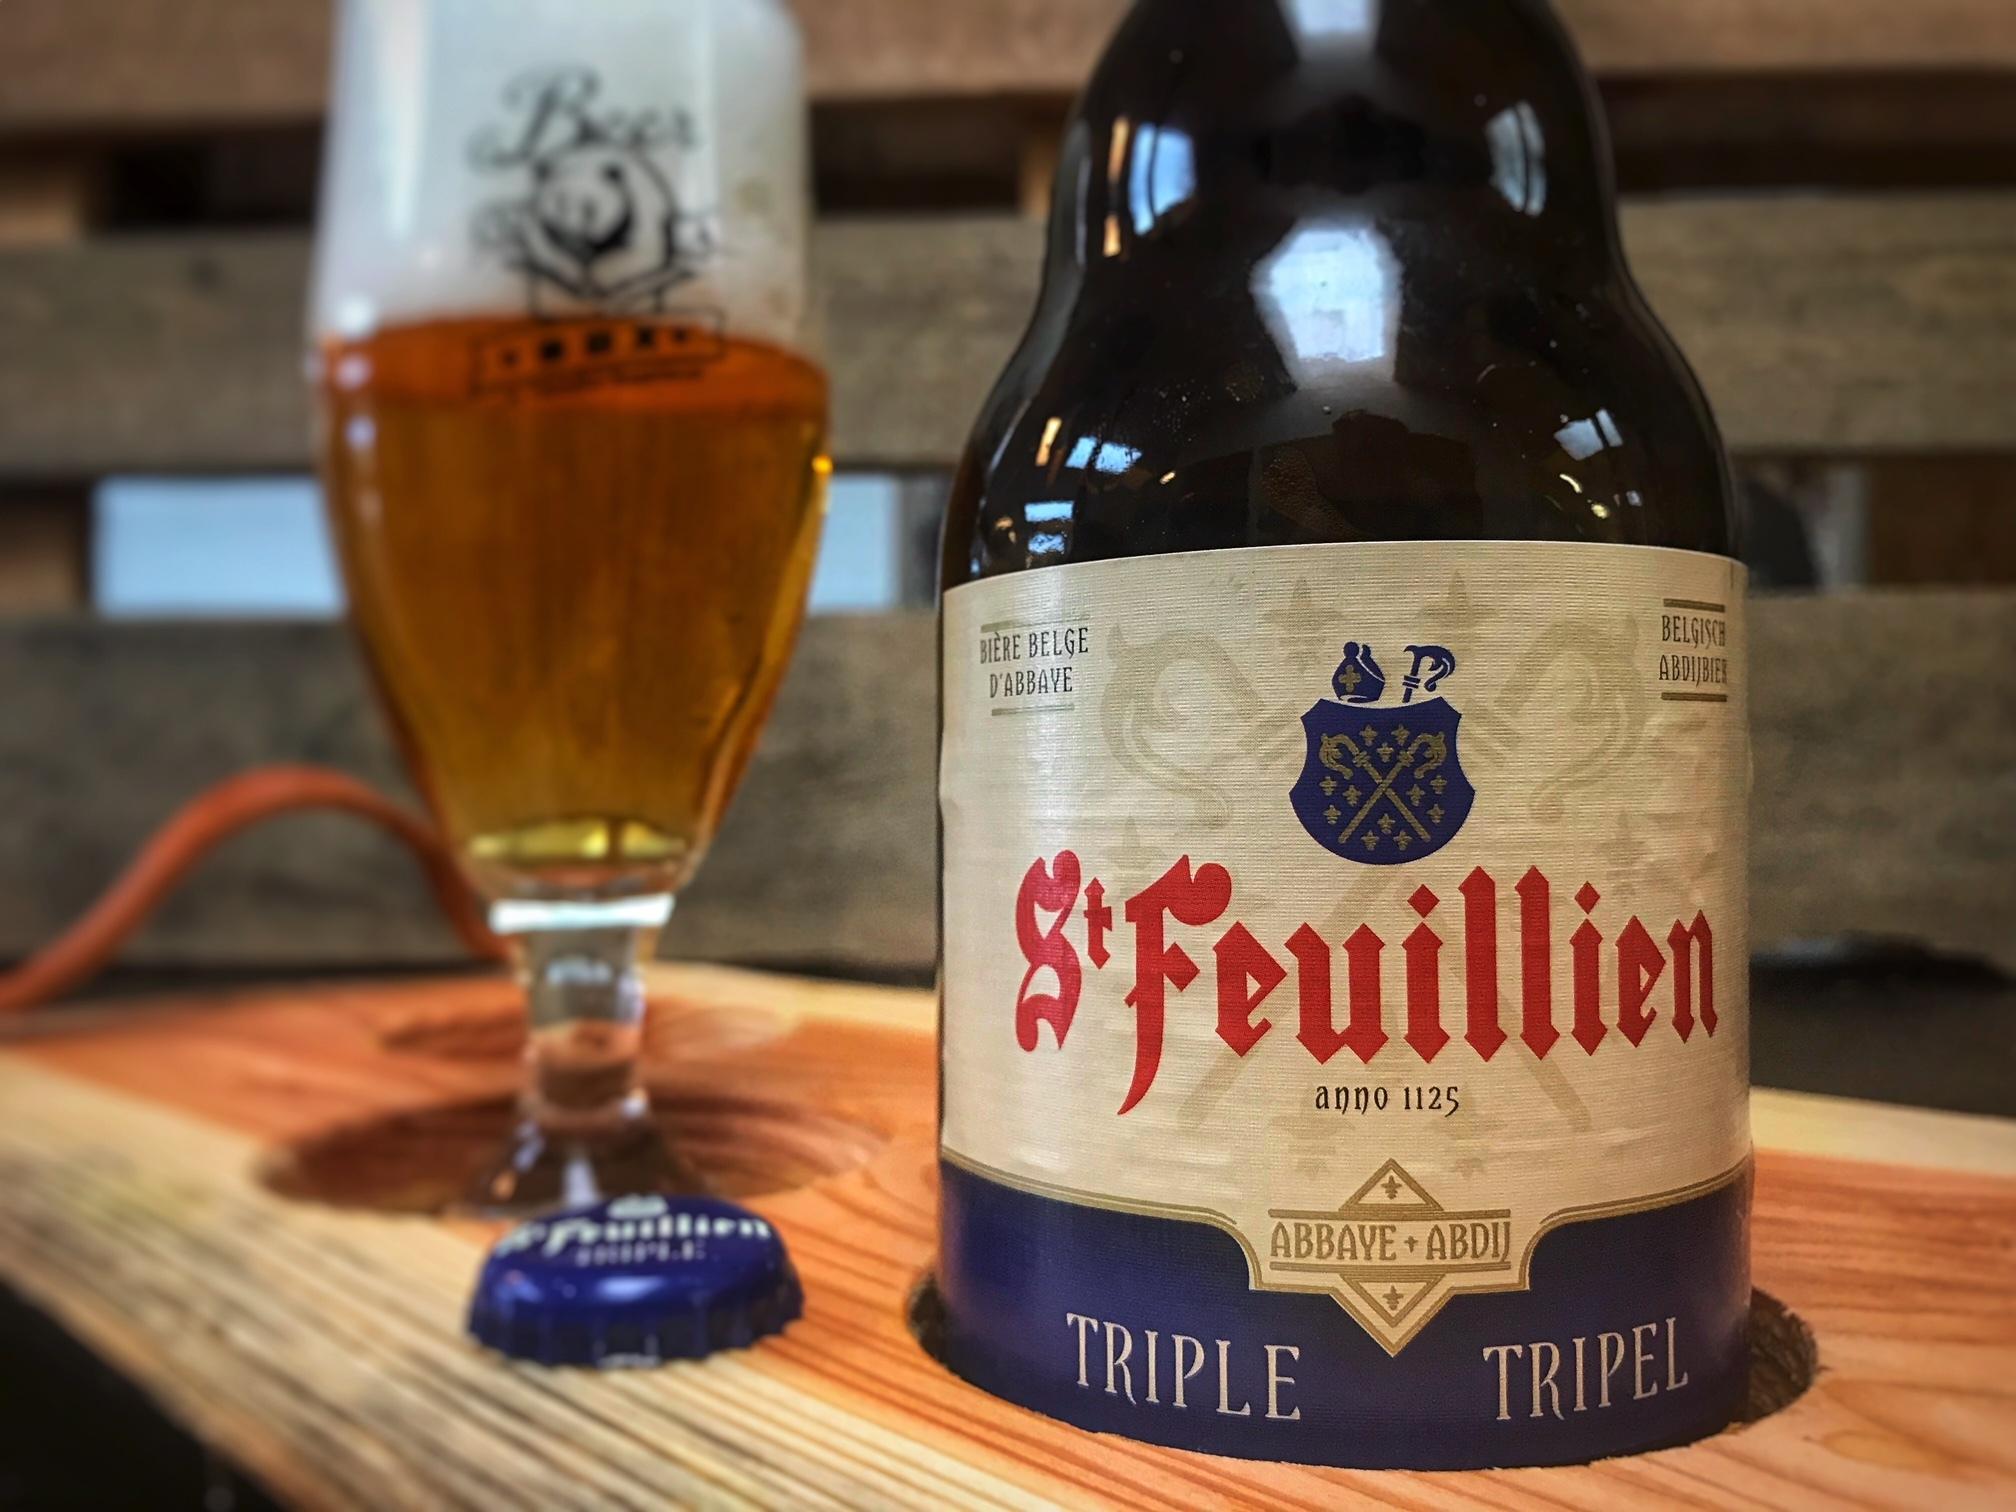 St Feuillien Tripel van Brasserie St. Feuillien